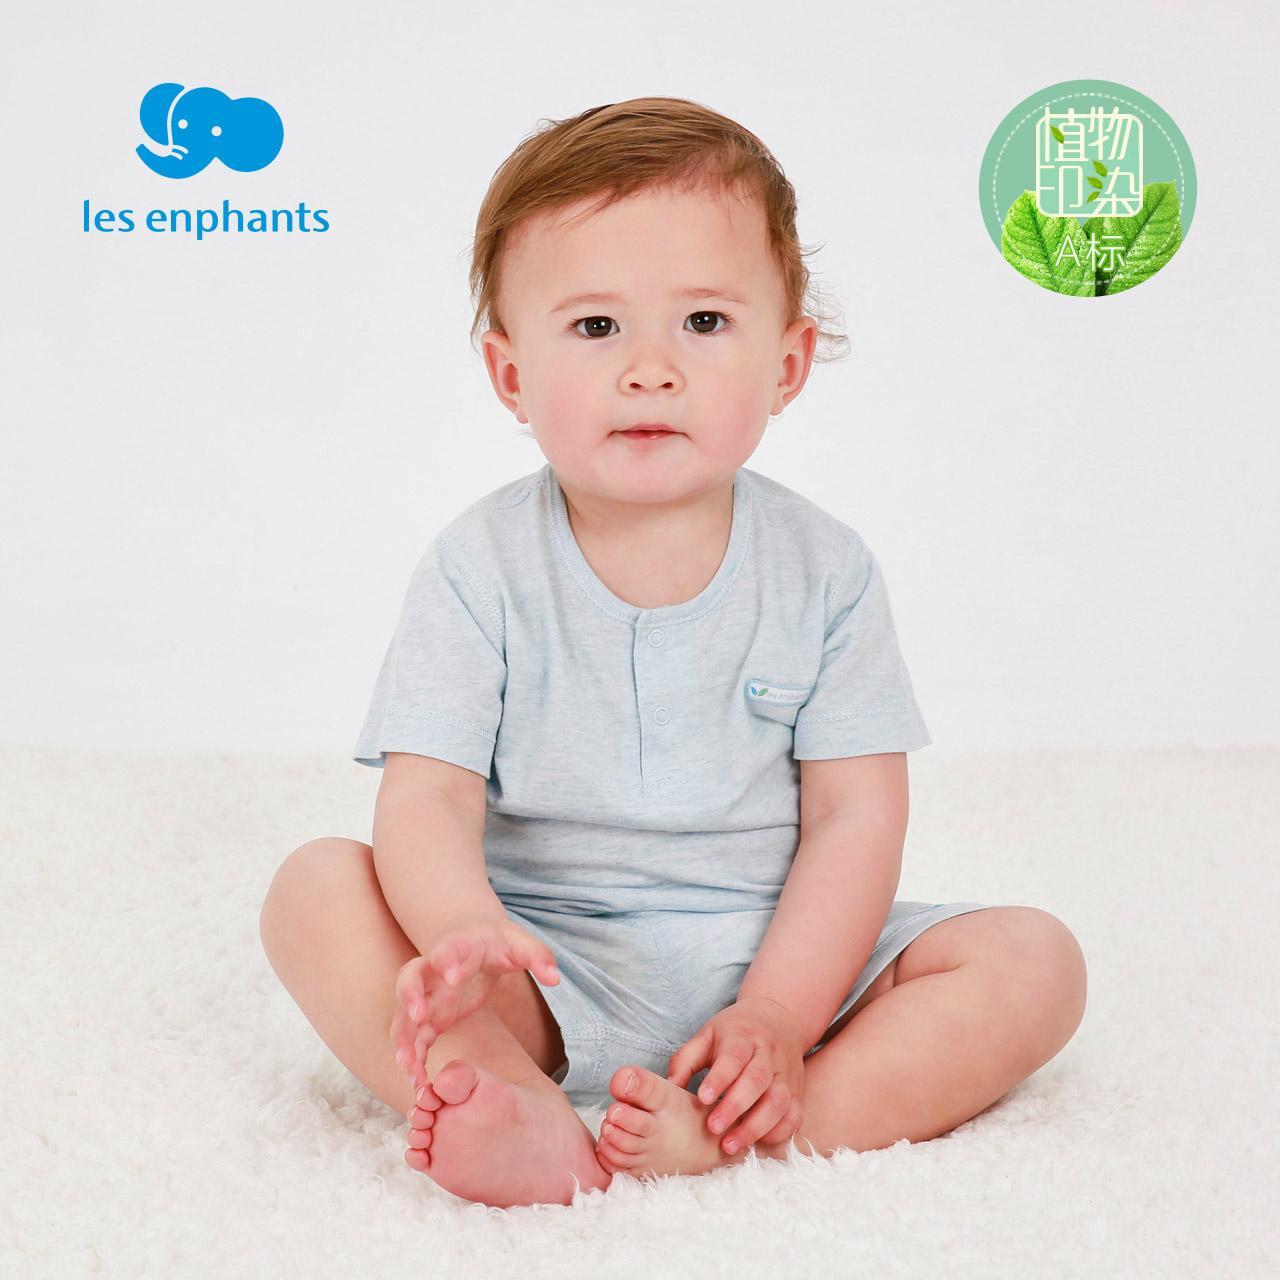 丽婴房婴儿衣服 宝宝内衣套装男女童植物印染天丝内衣套装 2018夏